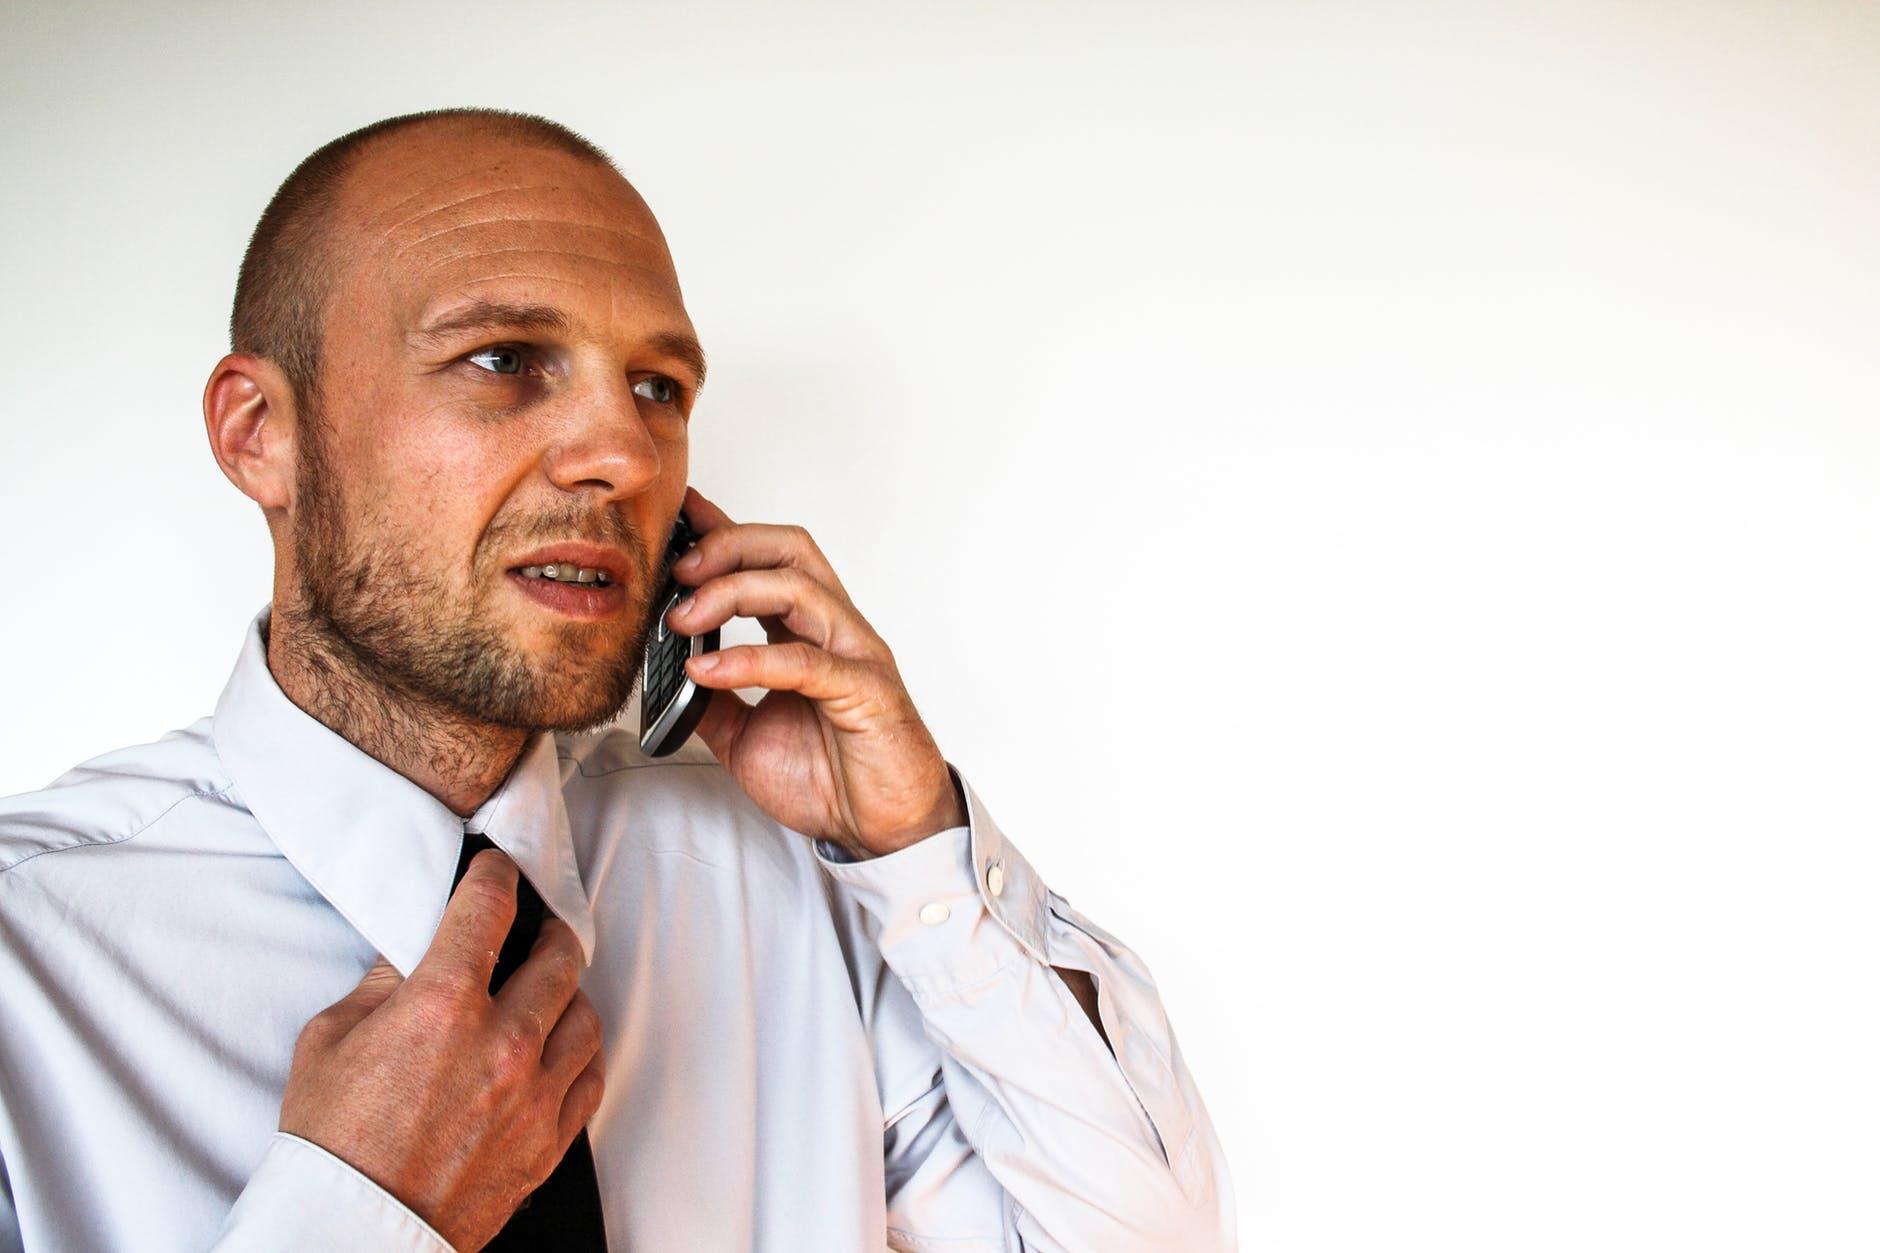 Как позвонить оператору теле2 - номера операторов Теле2